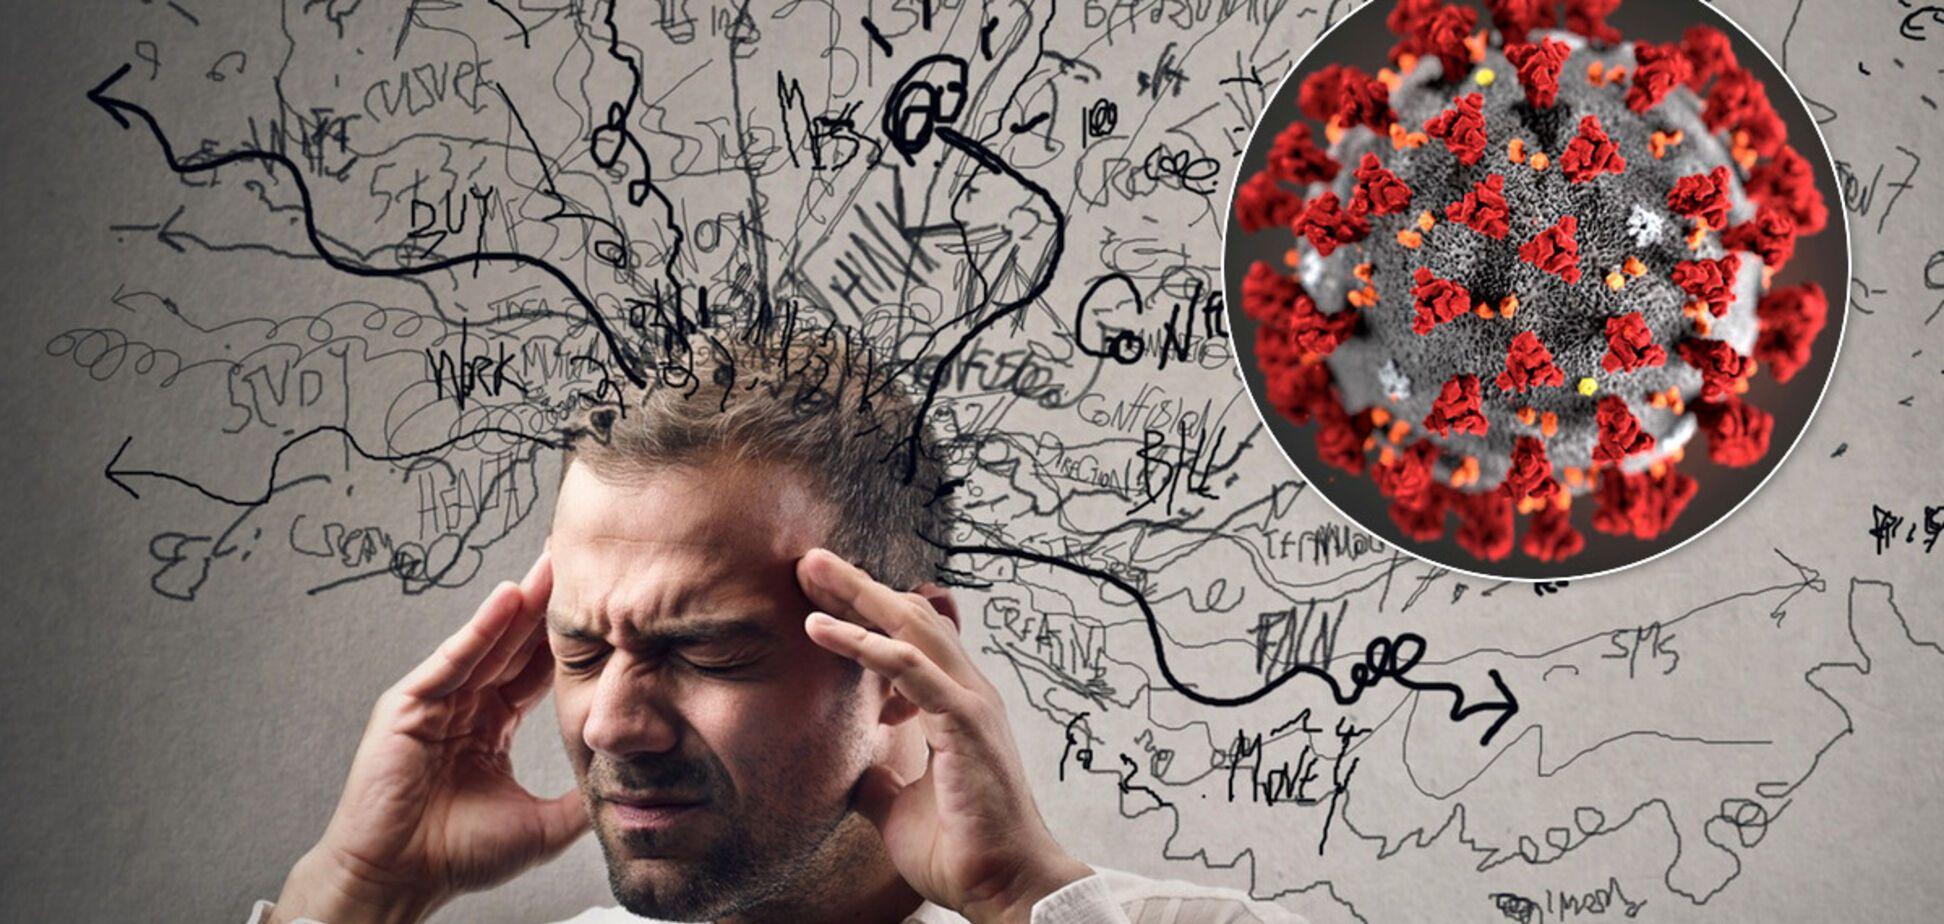 Массовые проблемы с психикой: в ООН озвучили новую угрозу от пандемии COVID-19